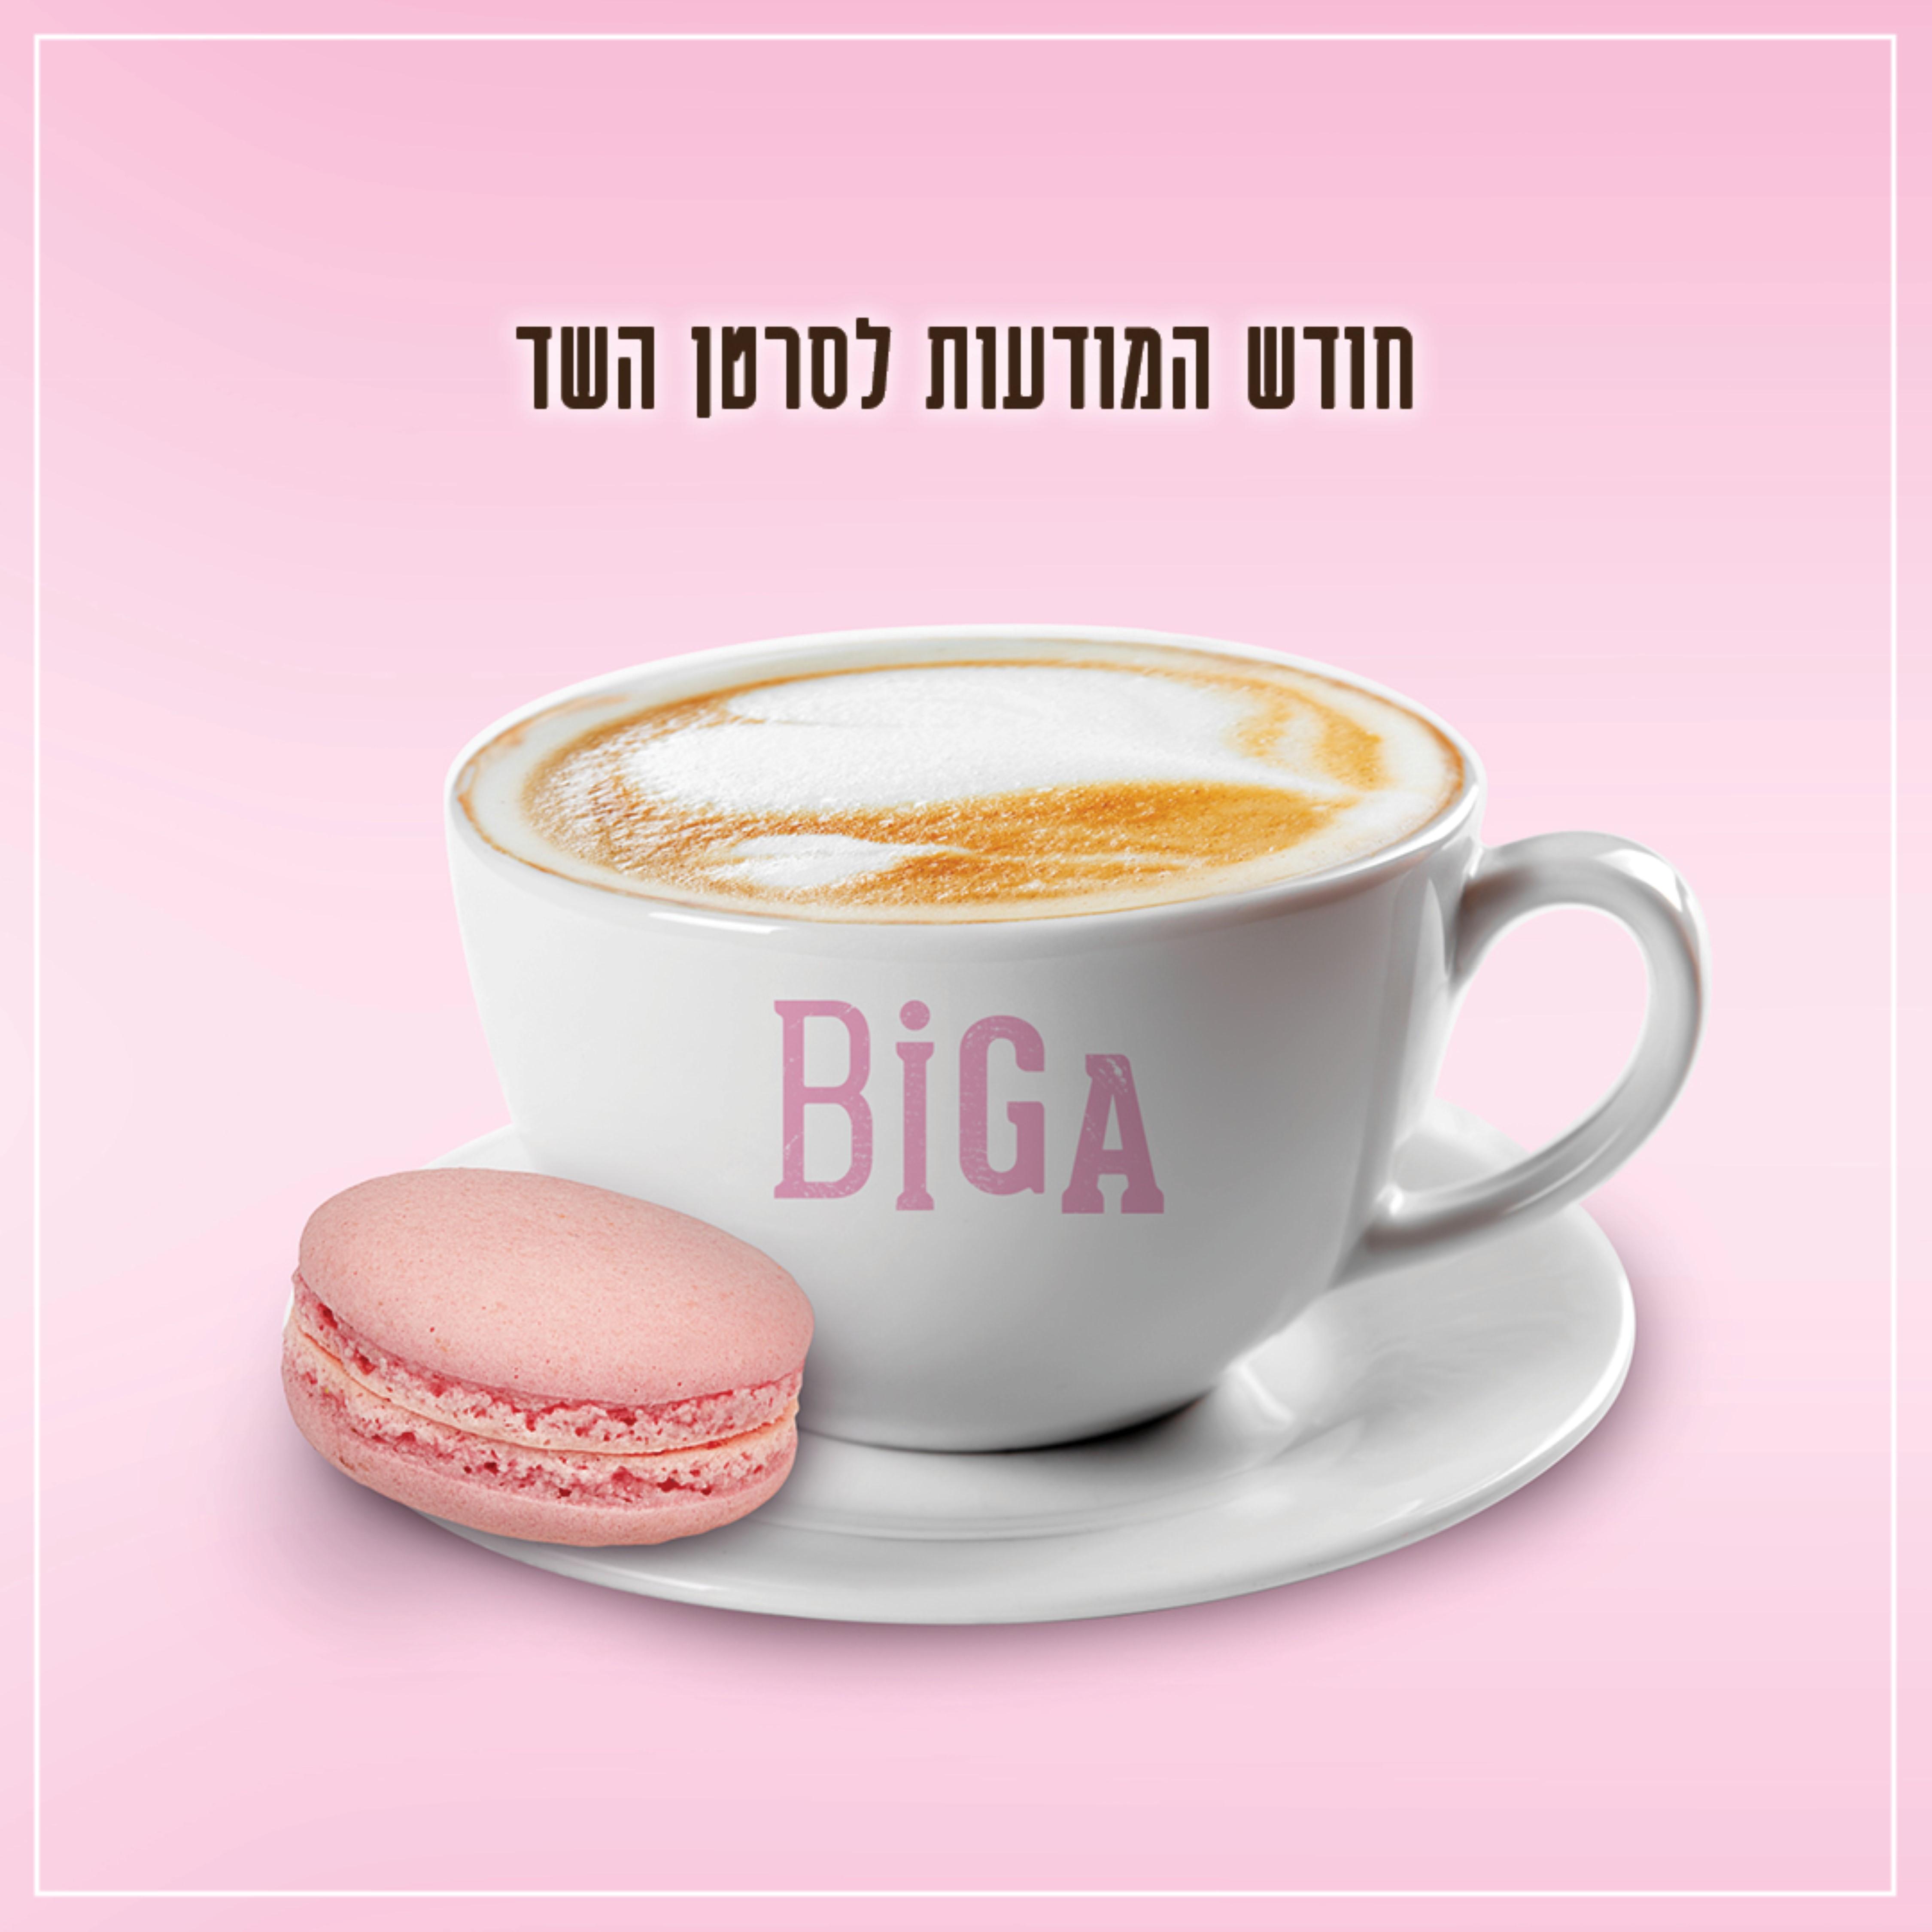 רשת קפה ביגה נרתמת לעידוד חודש המודעות לסרטן השד צילום סטודיו קפה ביגה ניתן לשימוש ללא תמורה (Custom)